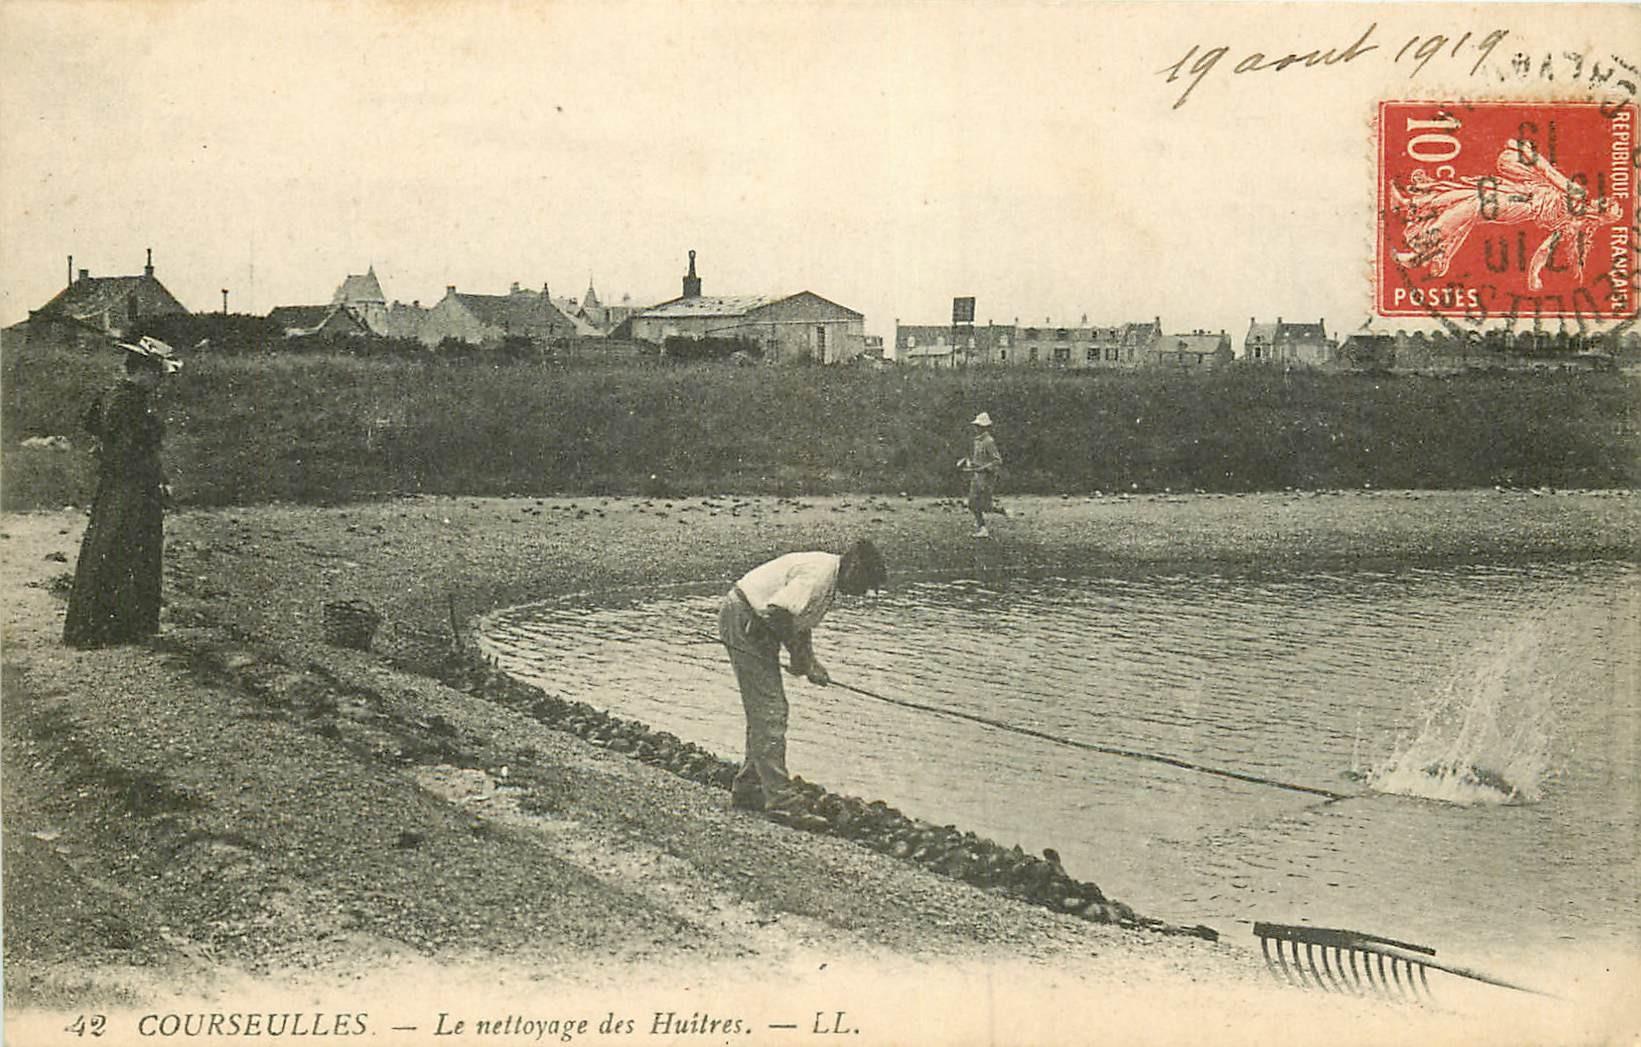 14 COURSEULLES. Le nettoyage des Huîtres 1919